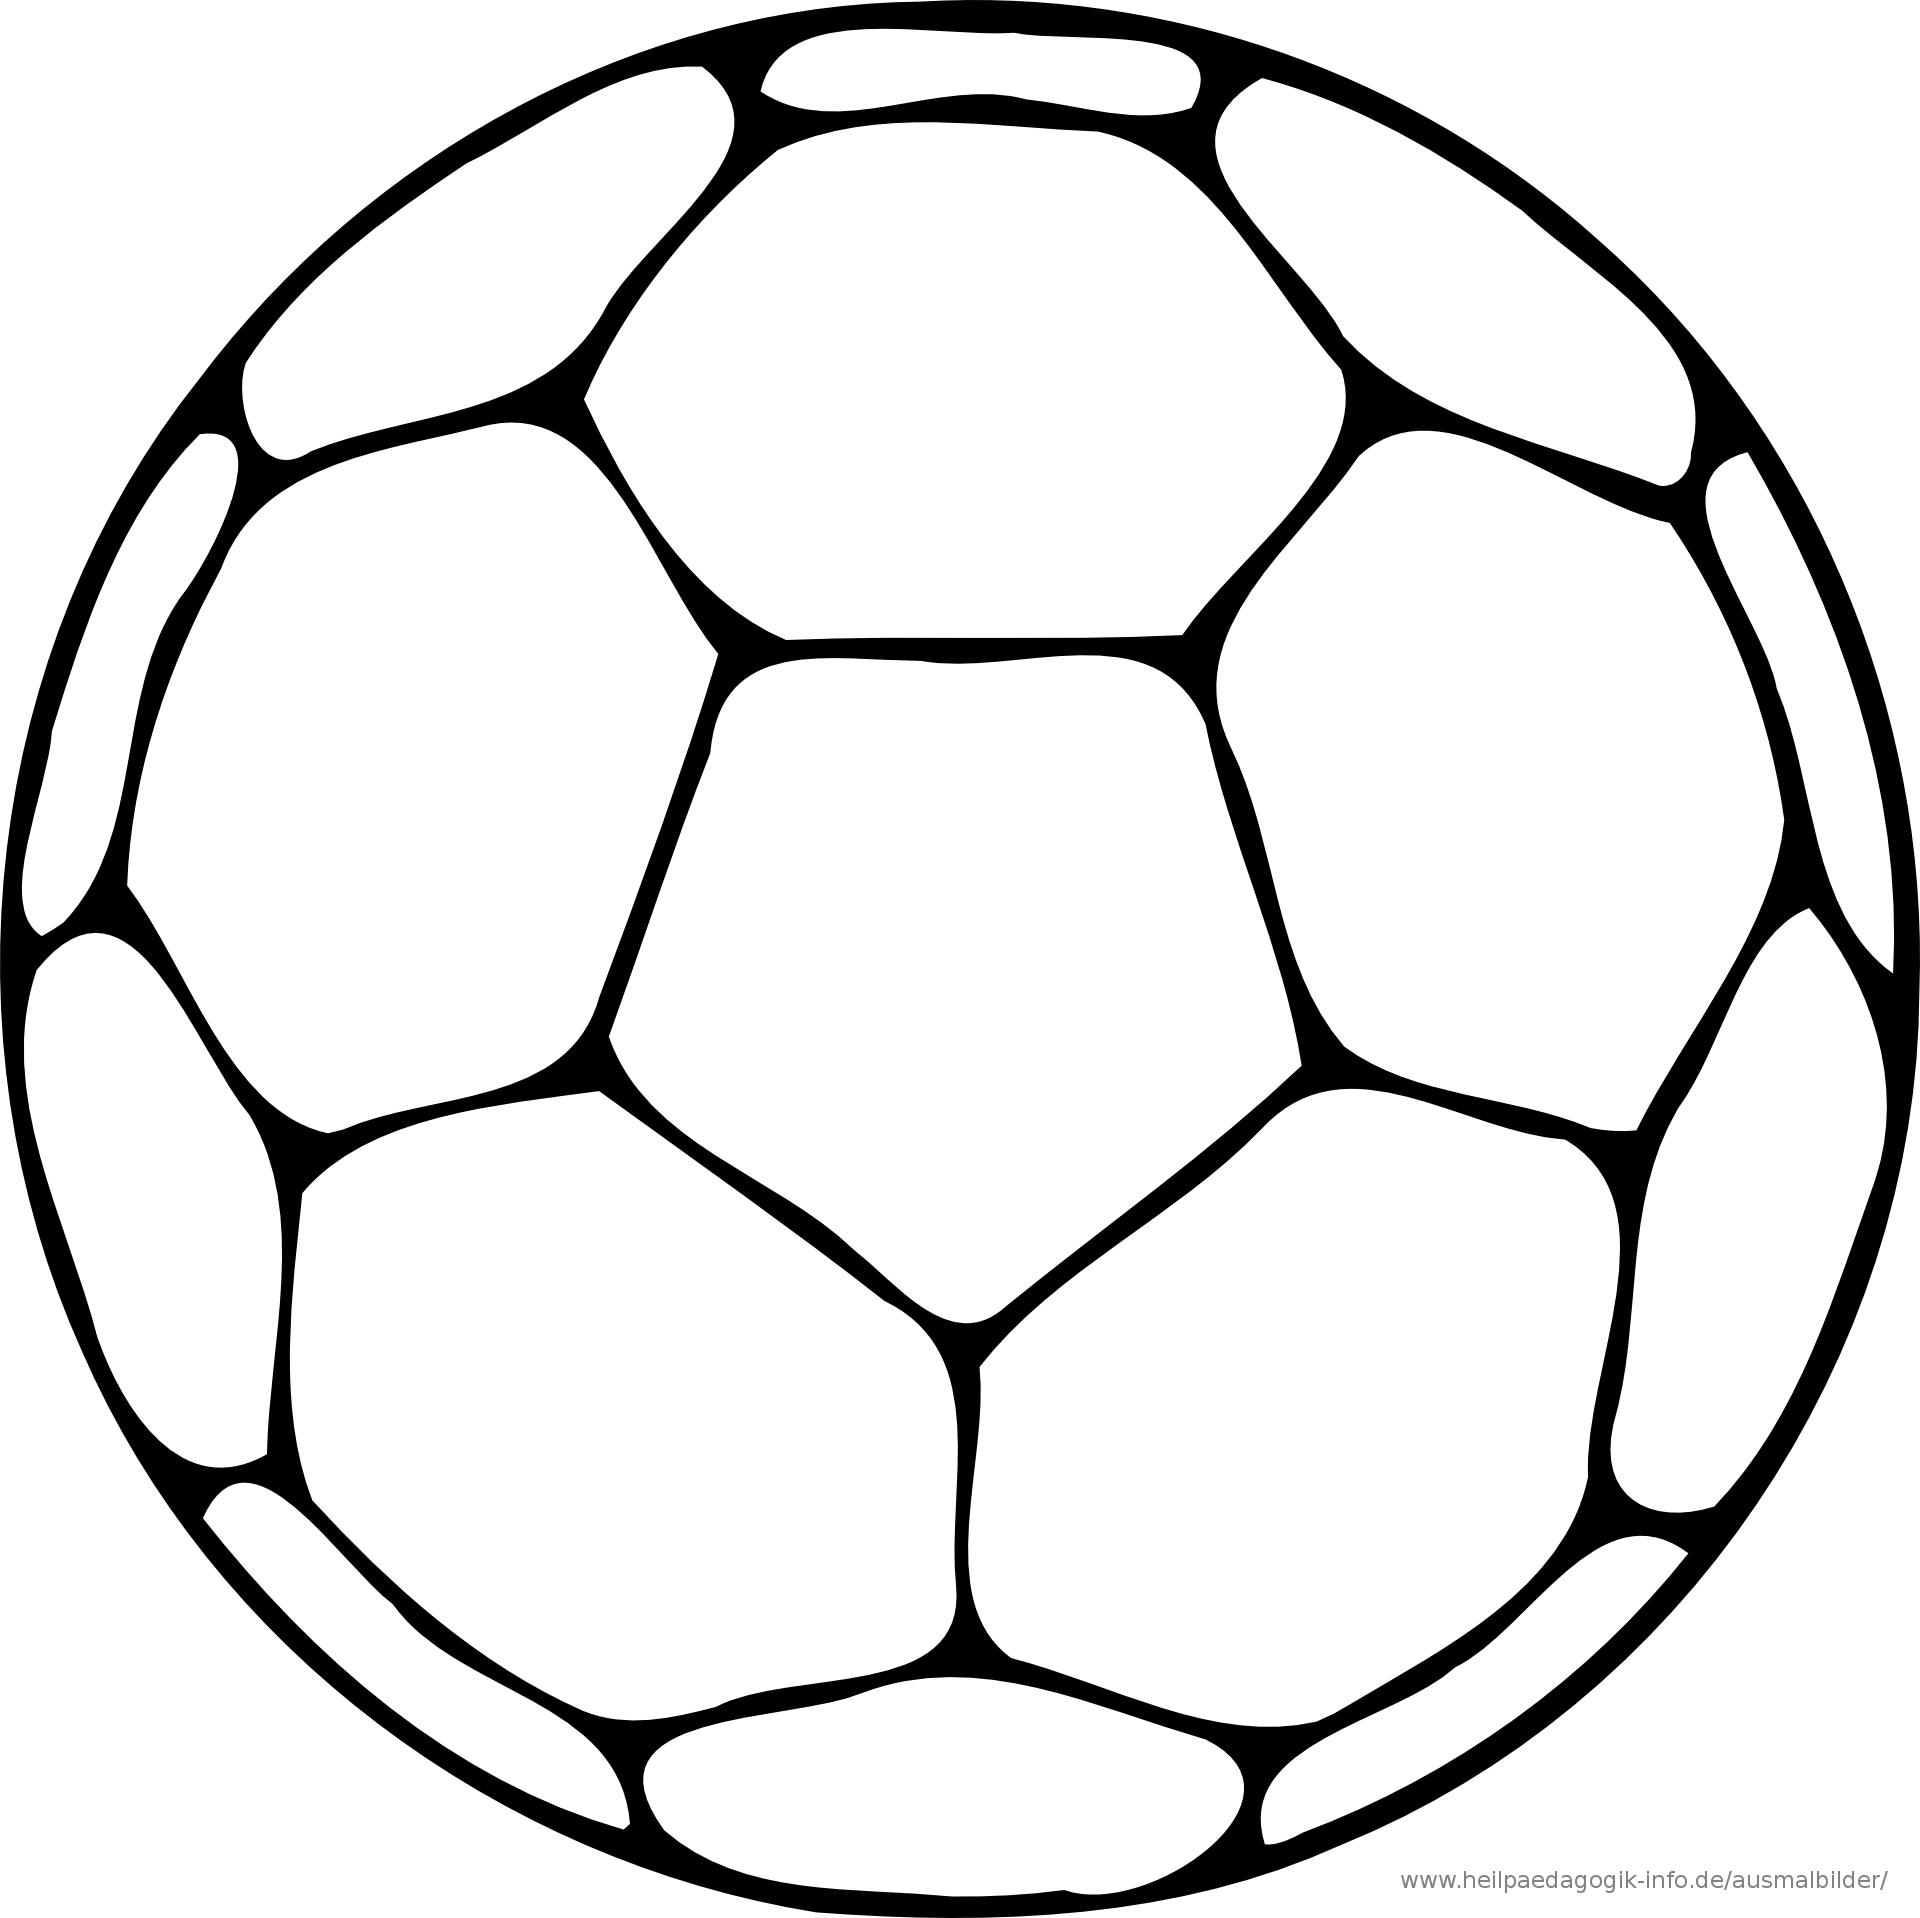 Ausmalbilder Fußball Zum Ausdrucken 1154 Malvorlage Fußball mit Ausmalbilder Fußball Kostenlos